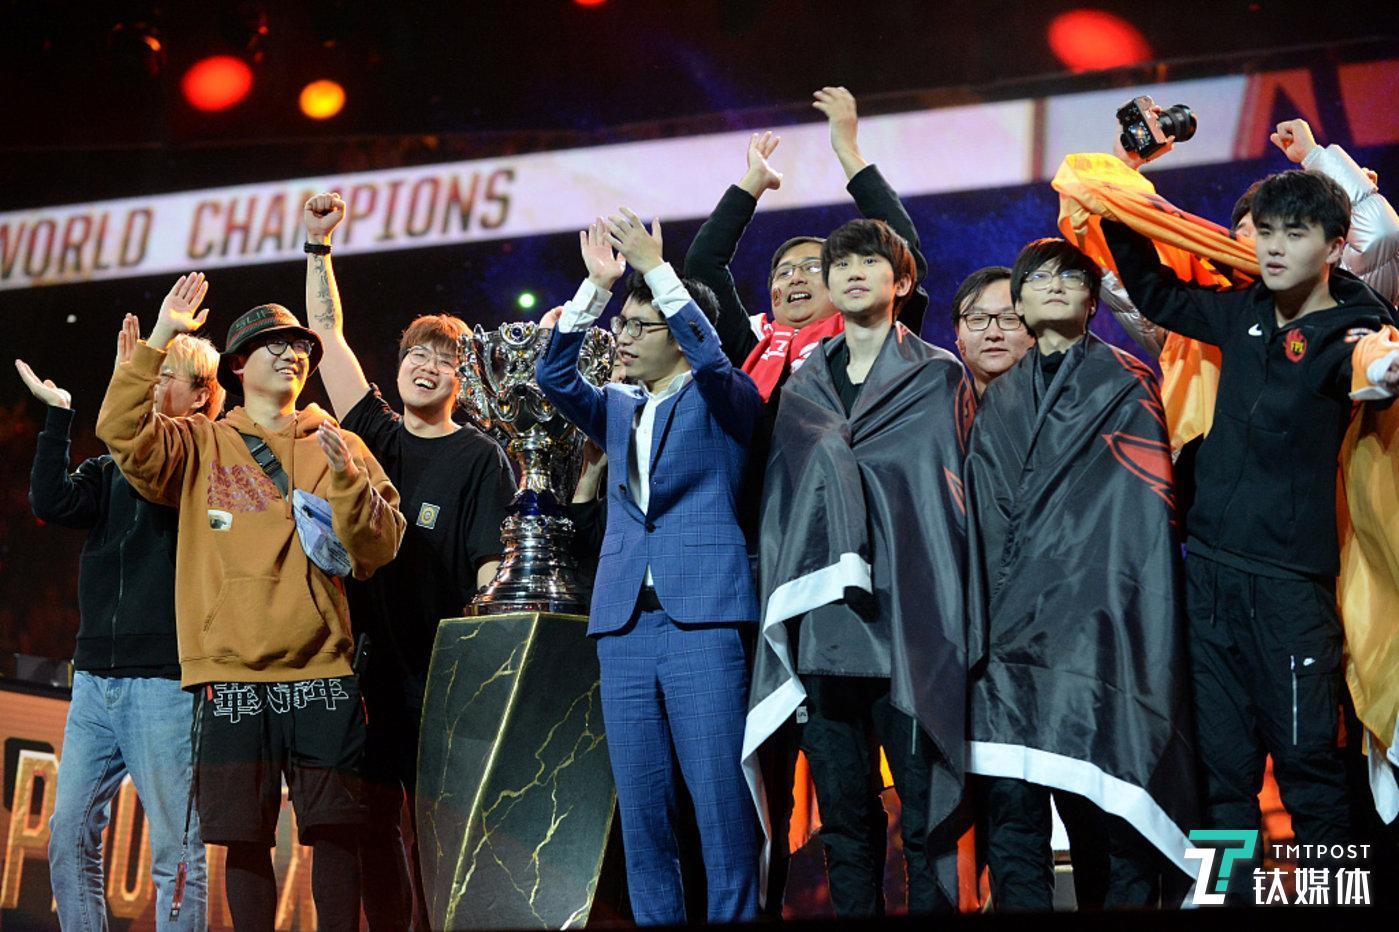 11月10日,2019英雄联盟全球总决赛中,来自LPL赛区的FPX战队3:0横扫G2问鼎S9赛季总冠军,成为第一支首次进入世界赛便夺冠的队伍。(图/视觉中国)